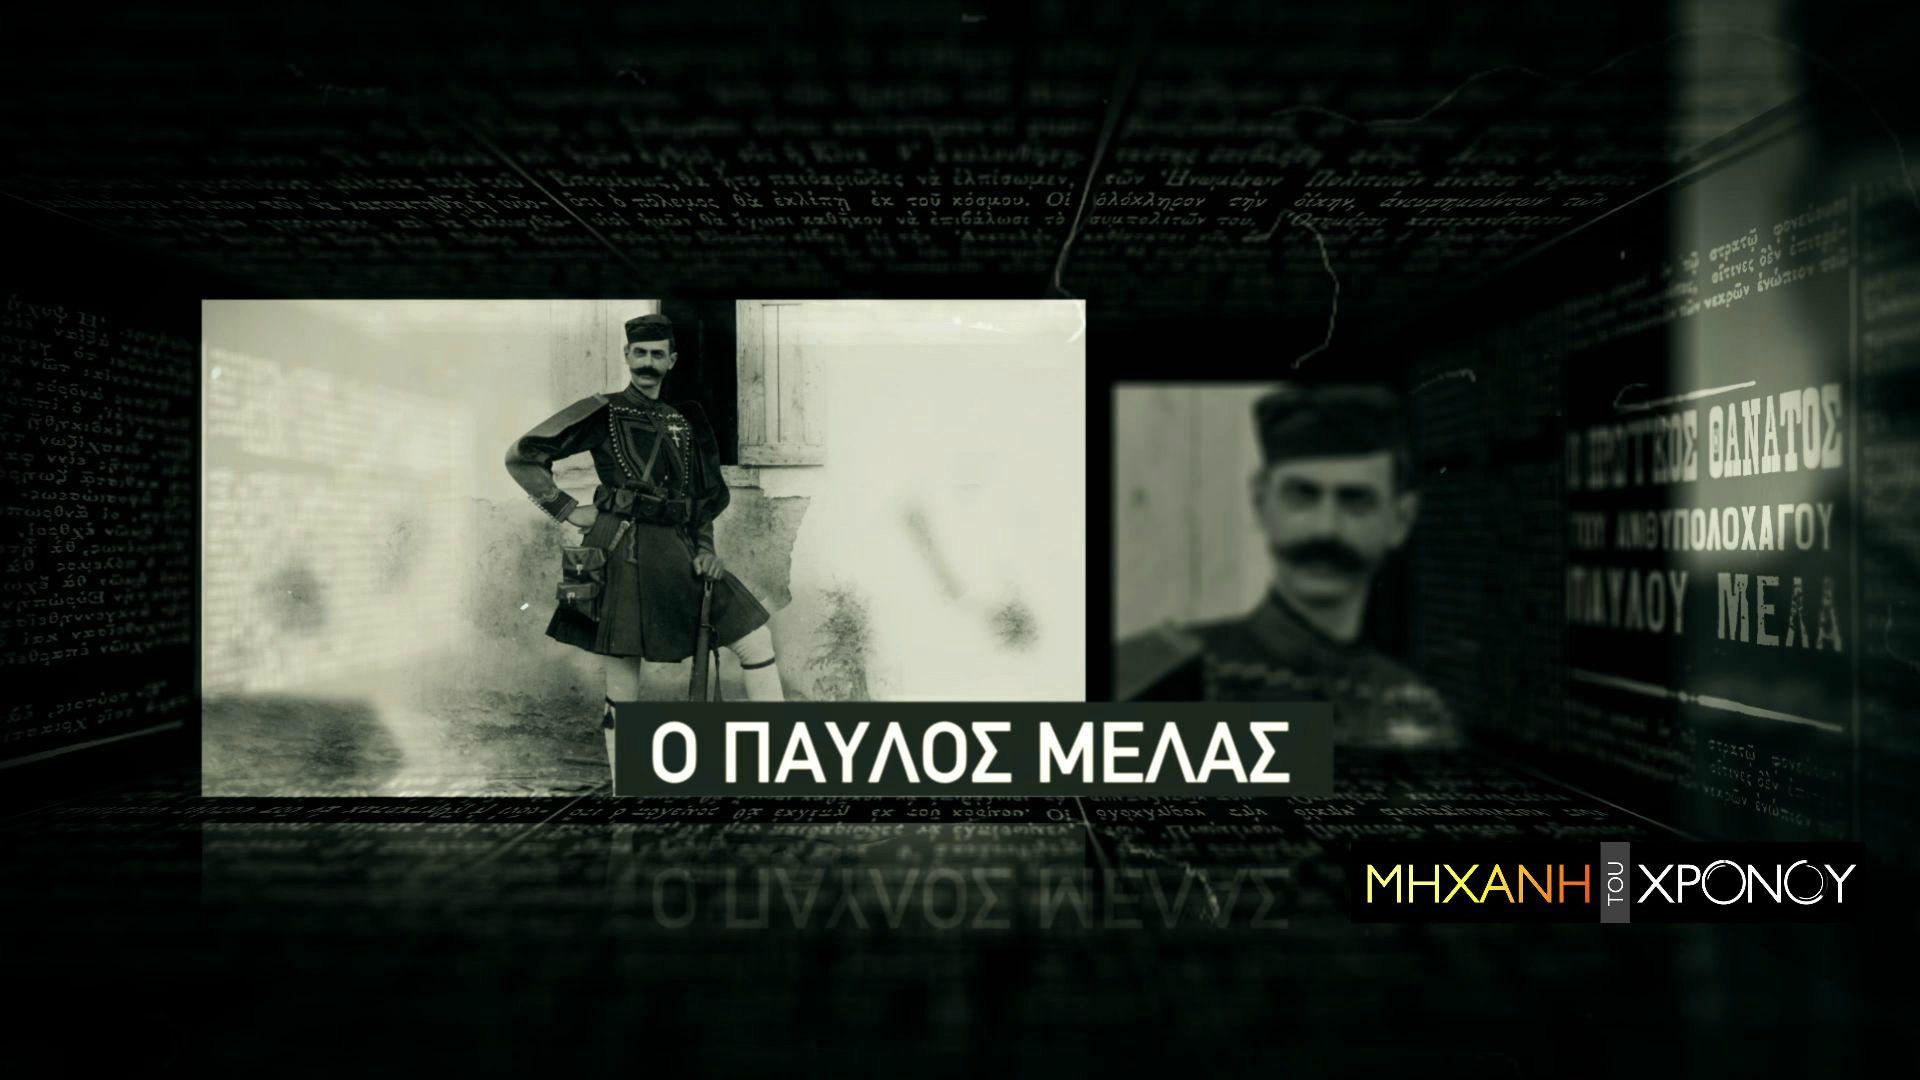 Ο μακεδονομάχος Παύλος Μελάς σκοτώθηκε μία φορά, αλλά τάφηκε πέντε. Γιατί οι συμπολεμιστές του έκοψαν το κεφάλι. Πως έγινε η αναγνώριση από τη γυναίκα του Ναταλία